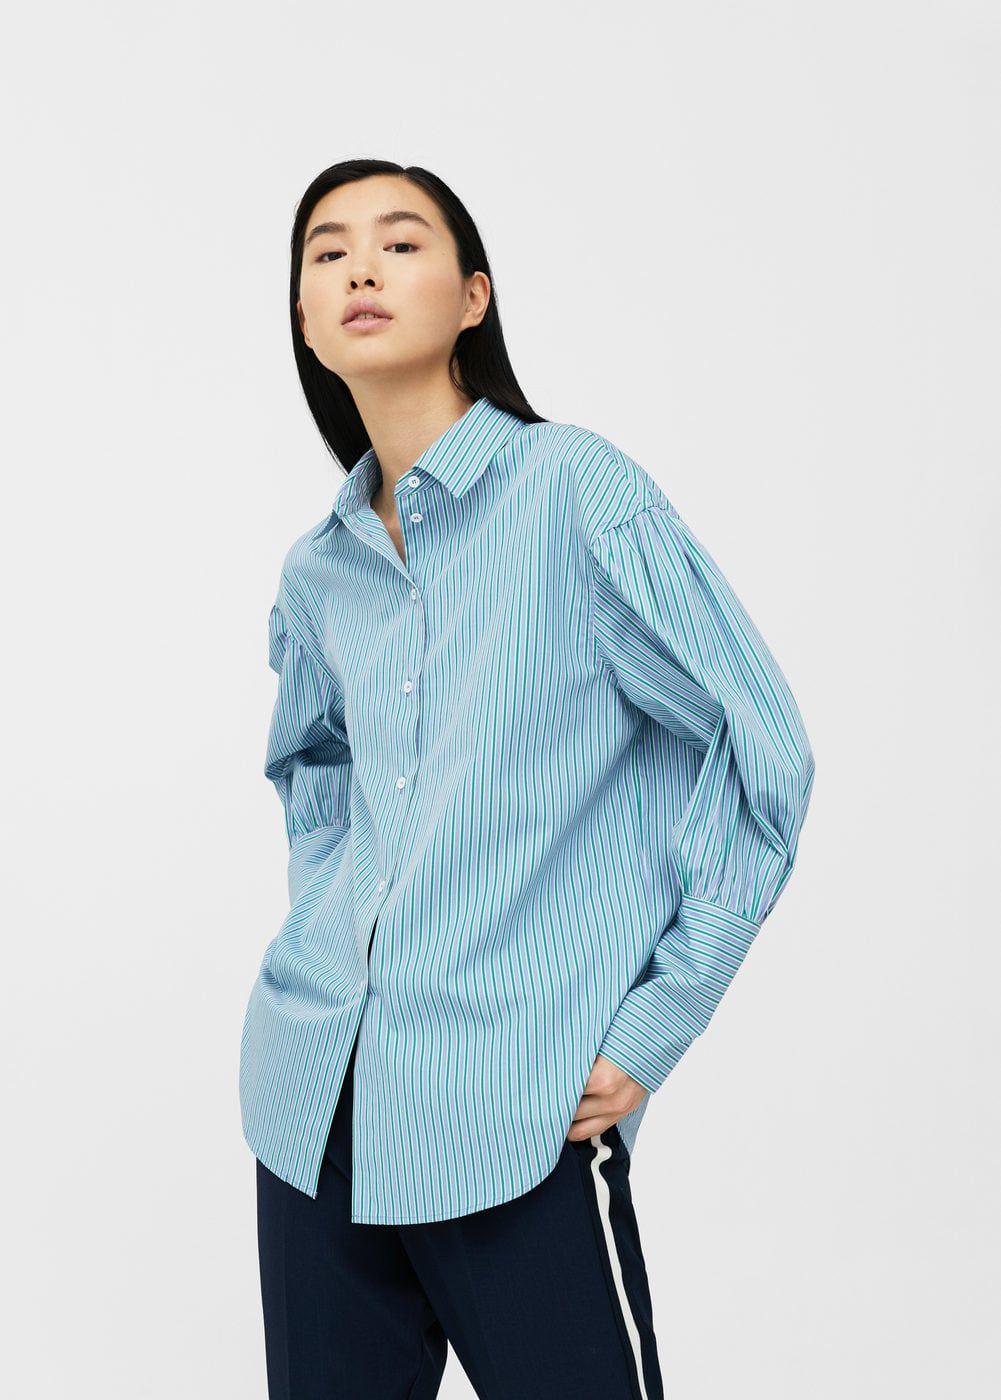 Oversize blouse woman  Silk shirt  Fun striped shirt  vintage womens buttons up shirt